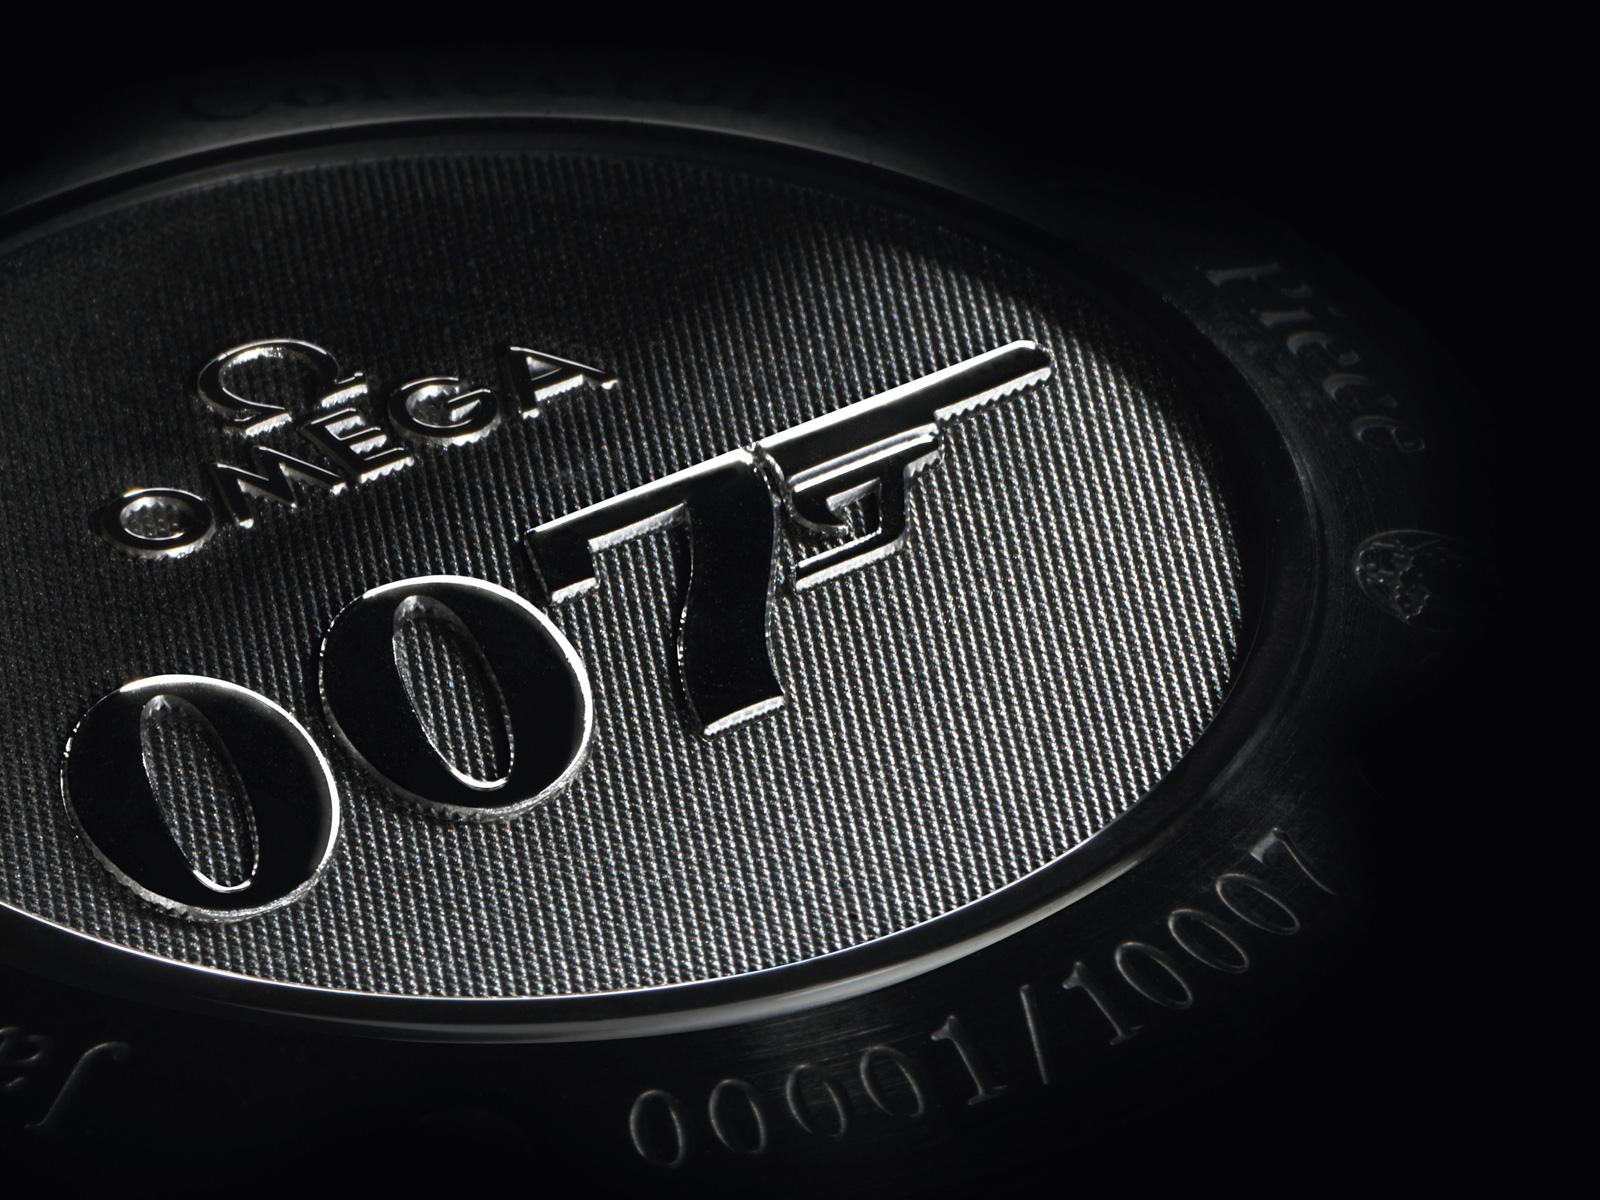 Matis 007 casino royale